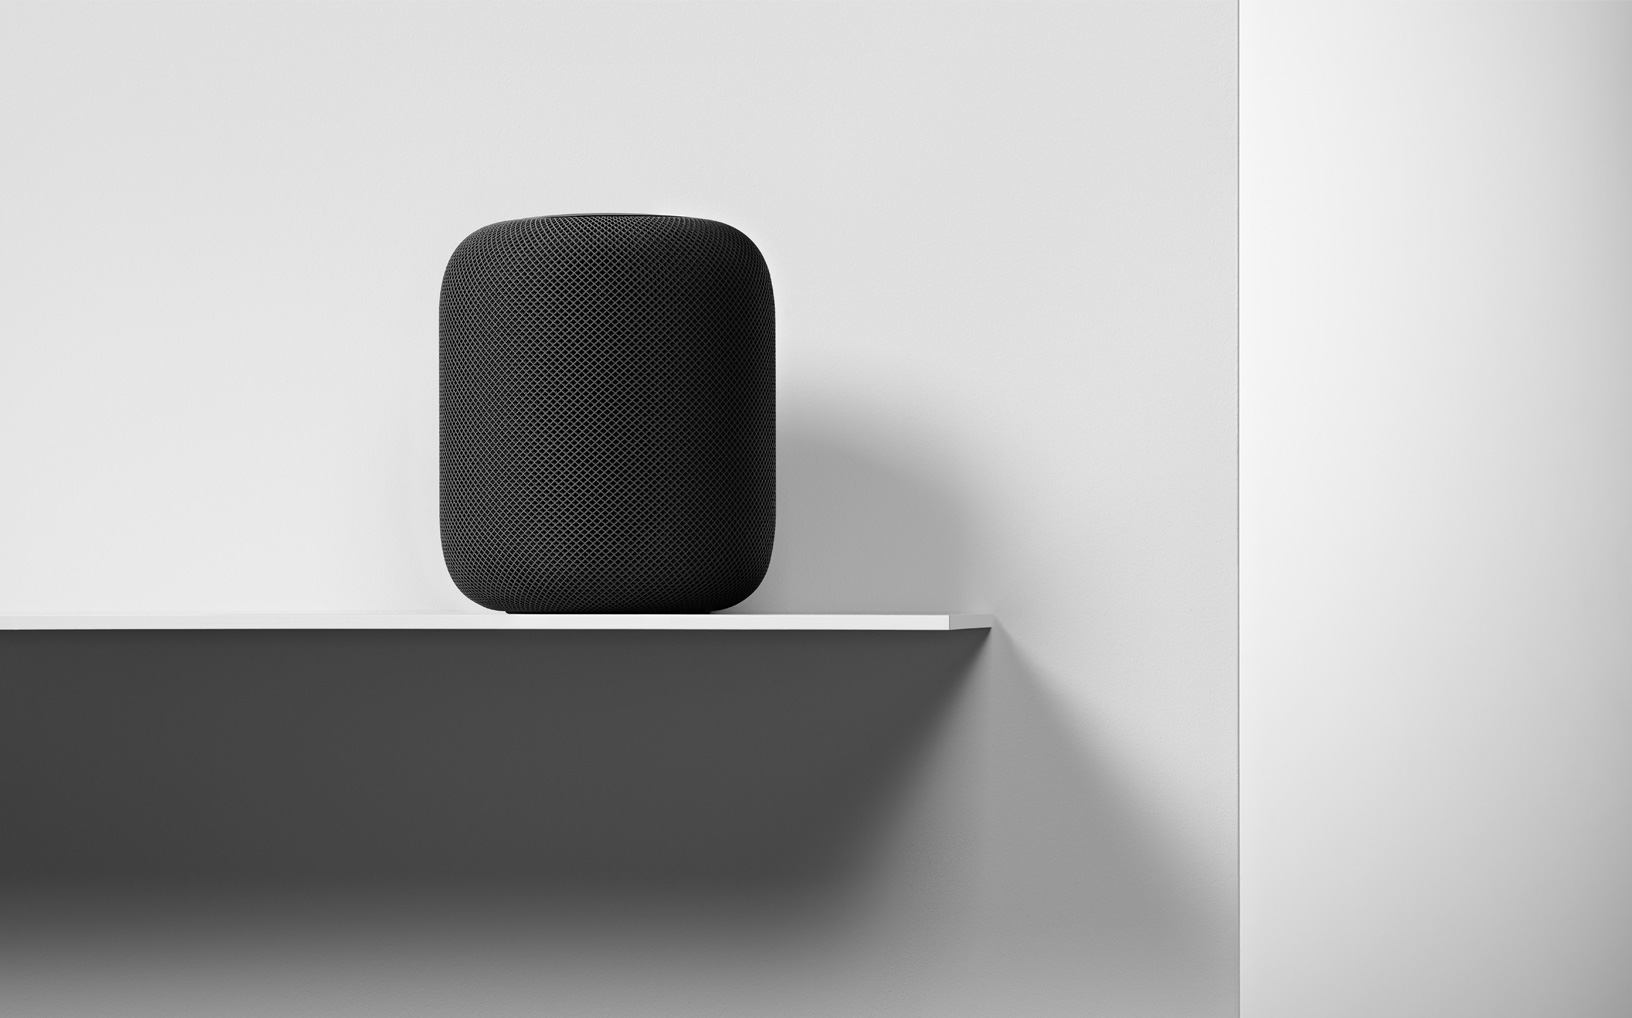 apple homepod inteligentny głośnik data premiery 3